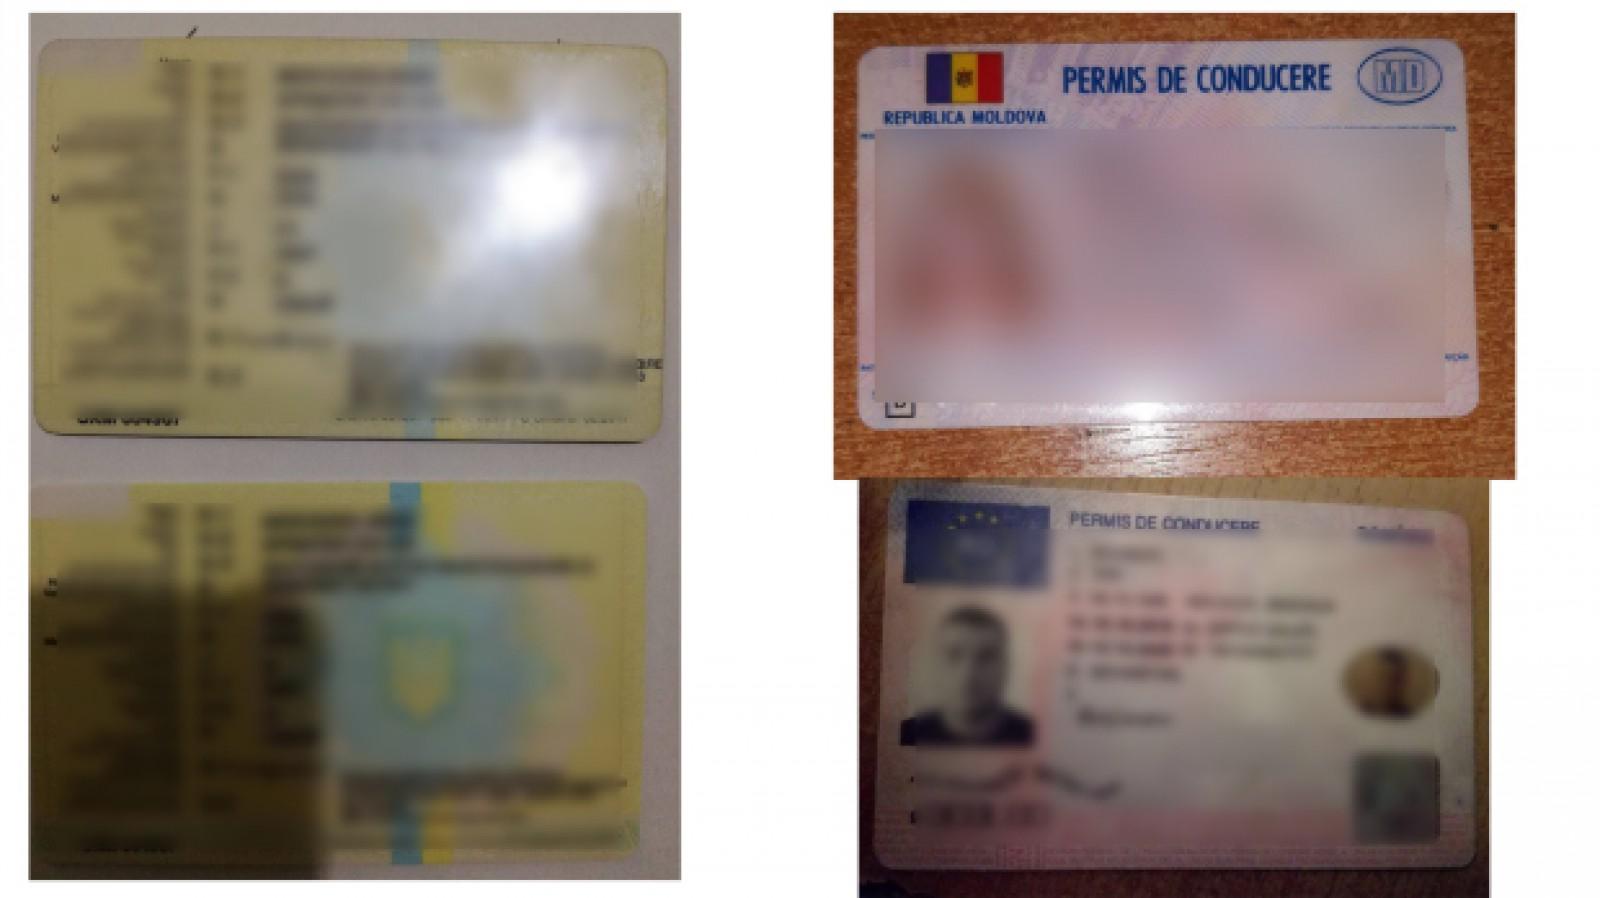 Au încercat să treacă frontiera cu permise de conducere și cărți de identitate românești false. Unde urmau să ajungă